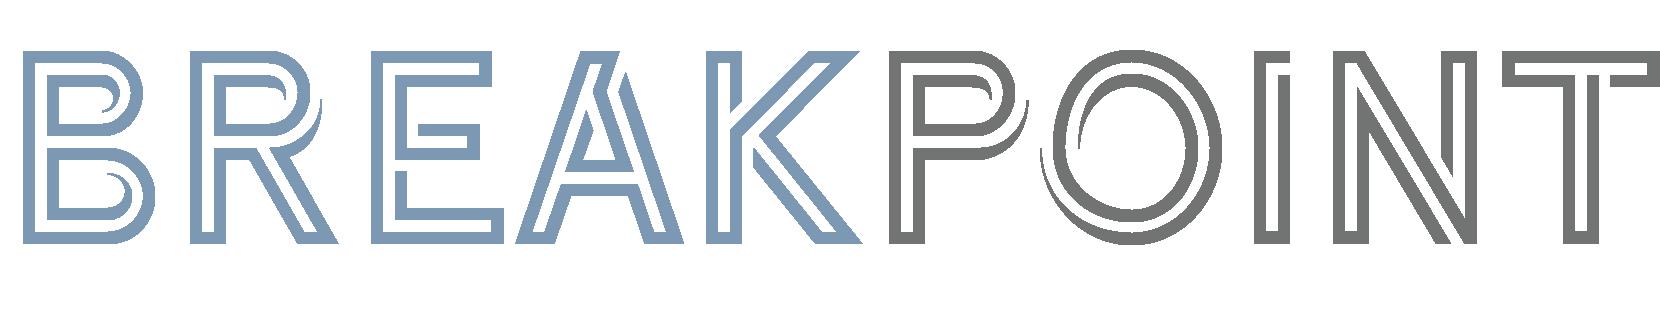 breakpoint-logo-1